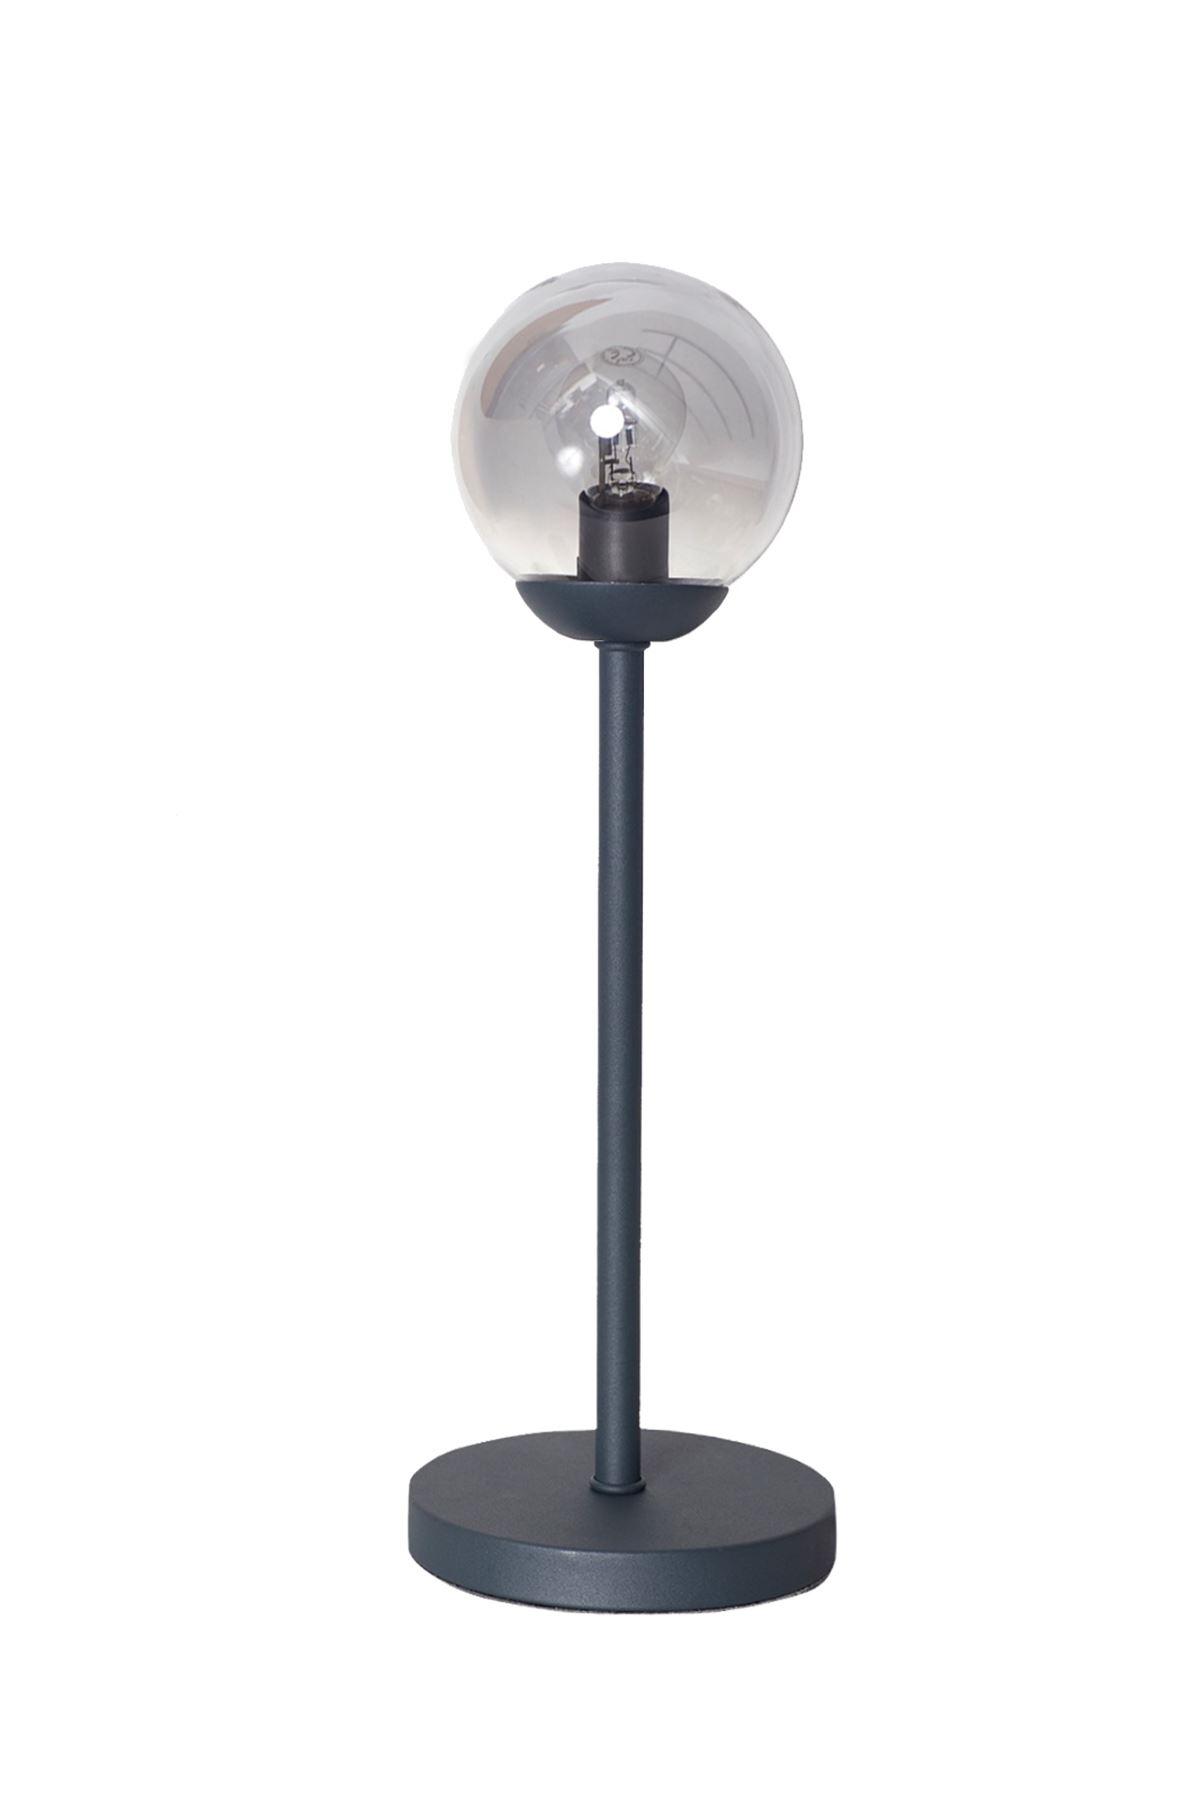 Glob Antrasit Metal Gövde Füme Camlı Tasarım Masa Lüx Lambası